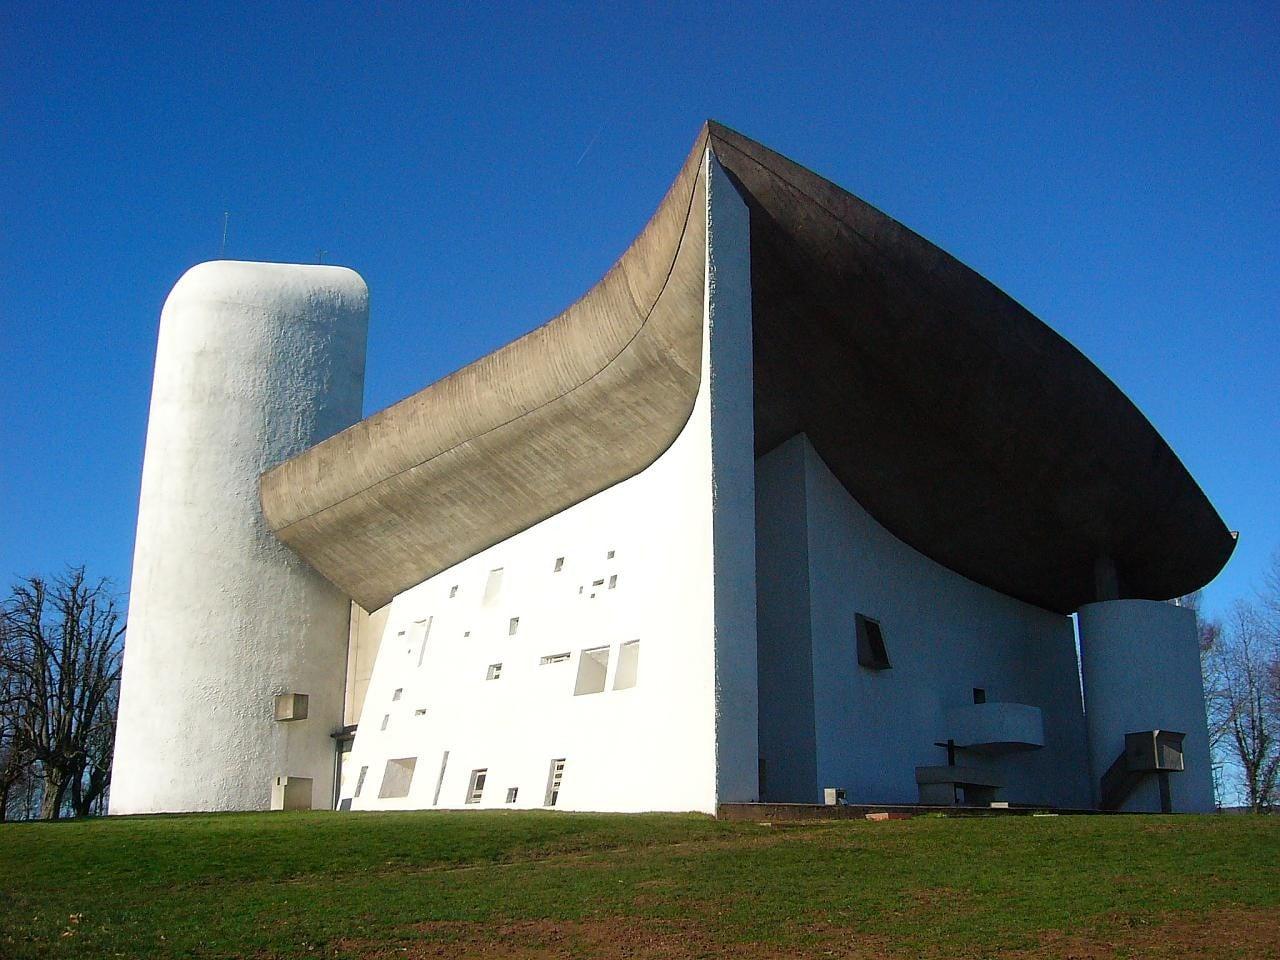 Ukończona w 1954 roku Kaplica Notre Dame du Haut (Matki Bożej na Górze) w Ronchamp jest jednym z najwspanialszych przykładów twórczości francusko-szwajcarskiego architekta Le Corbusiera.  Fot. archdaily